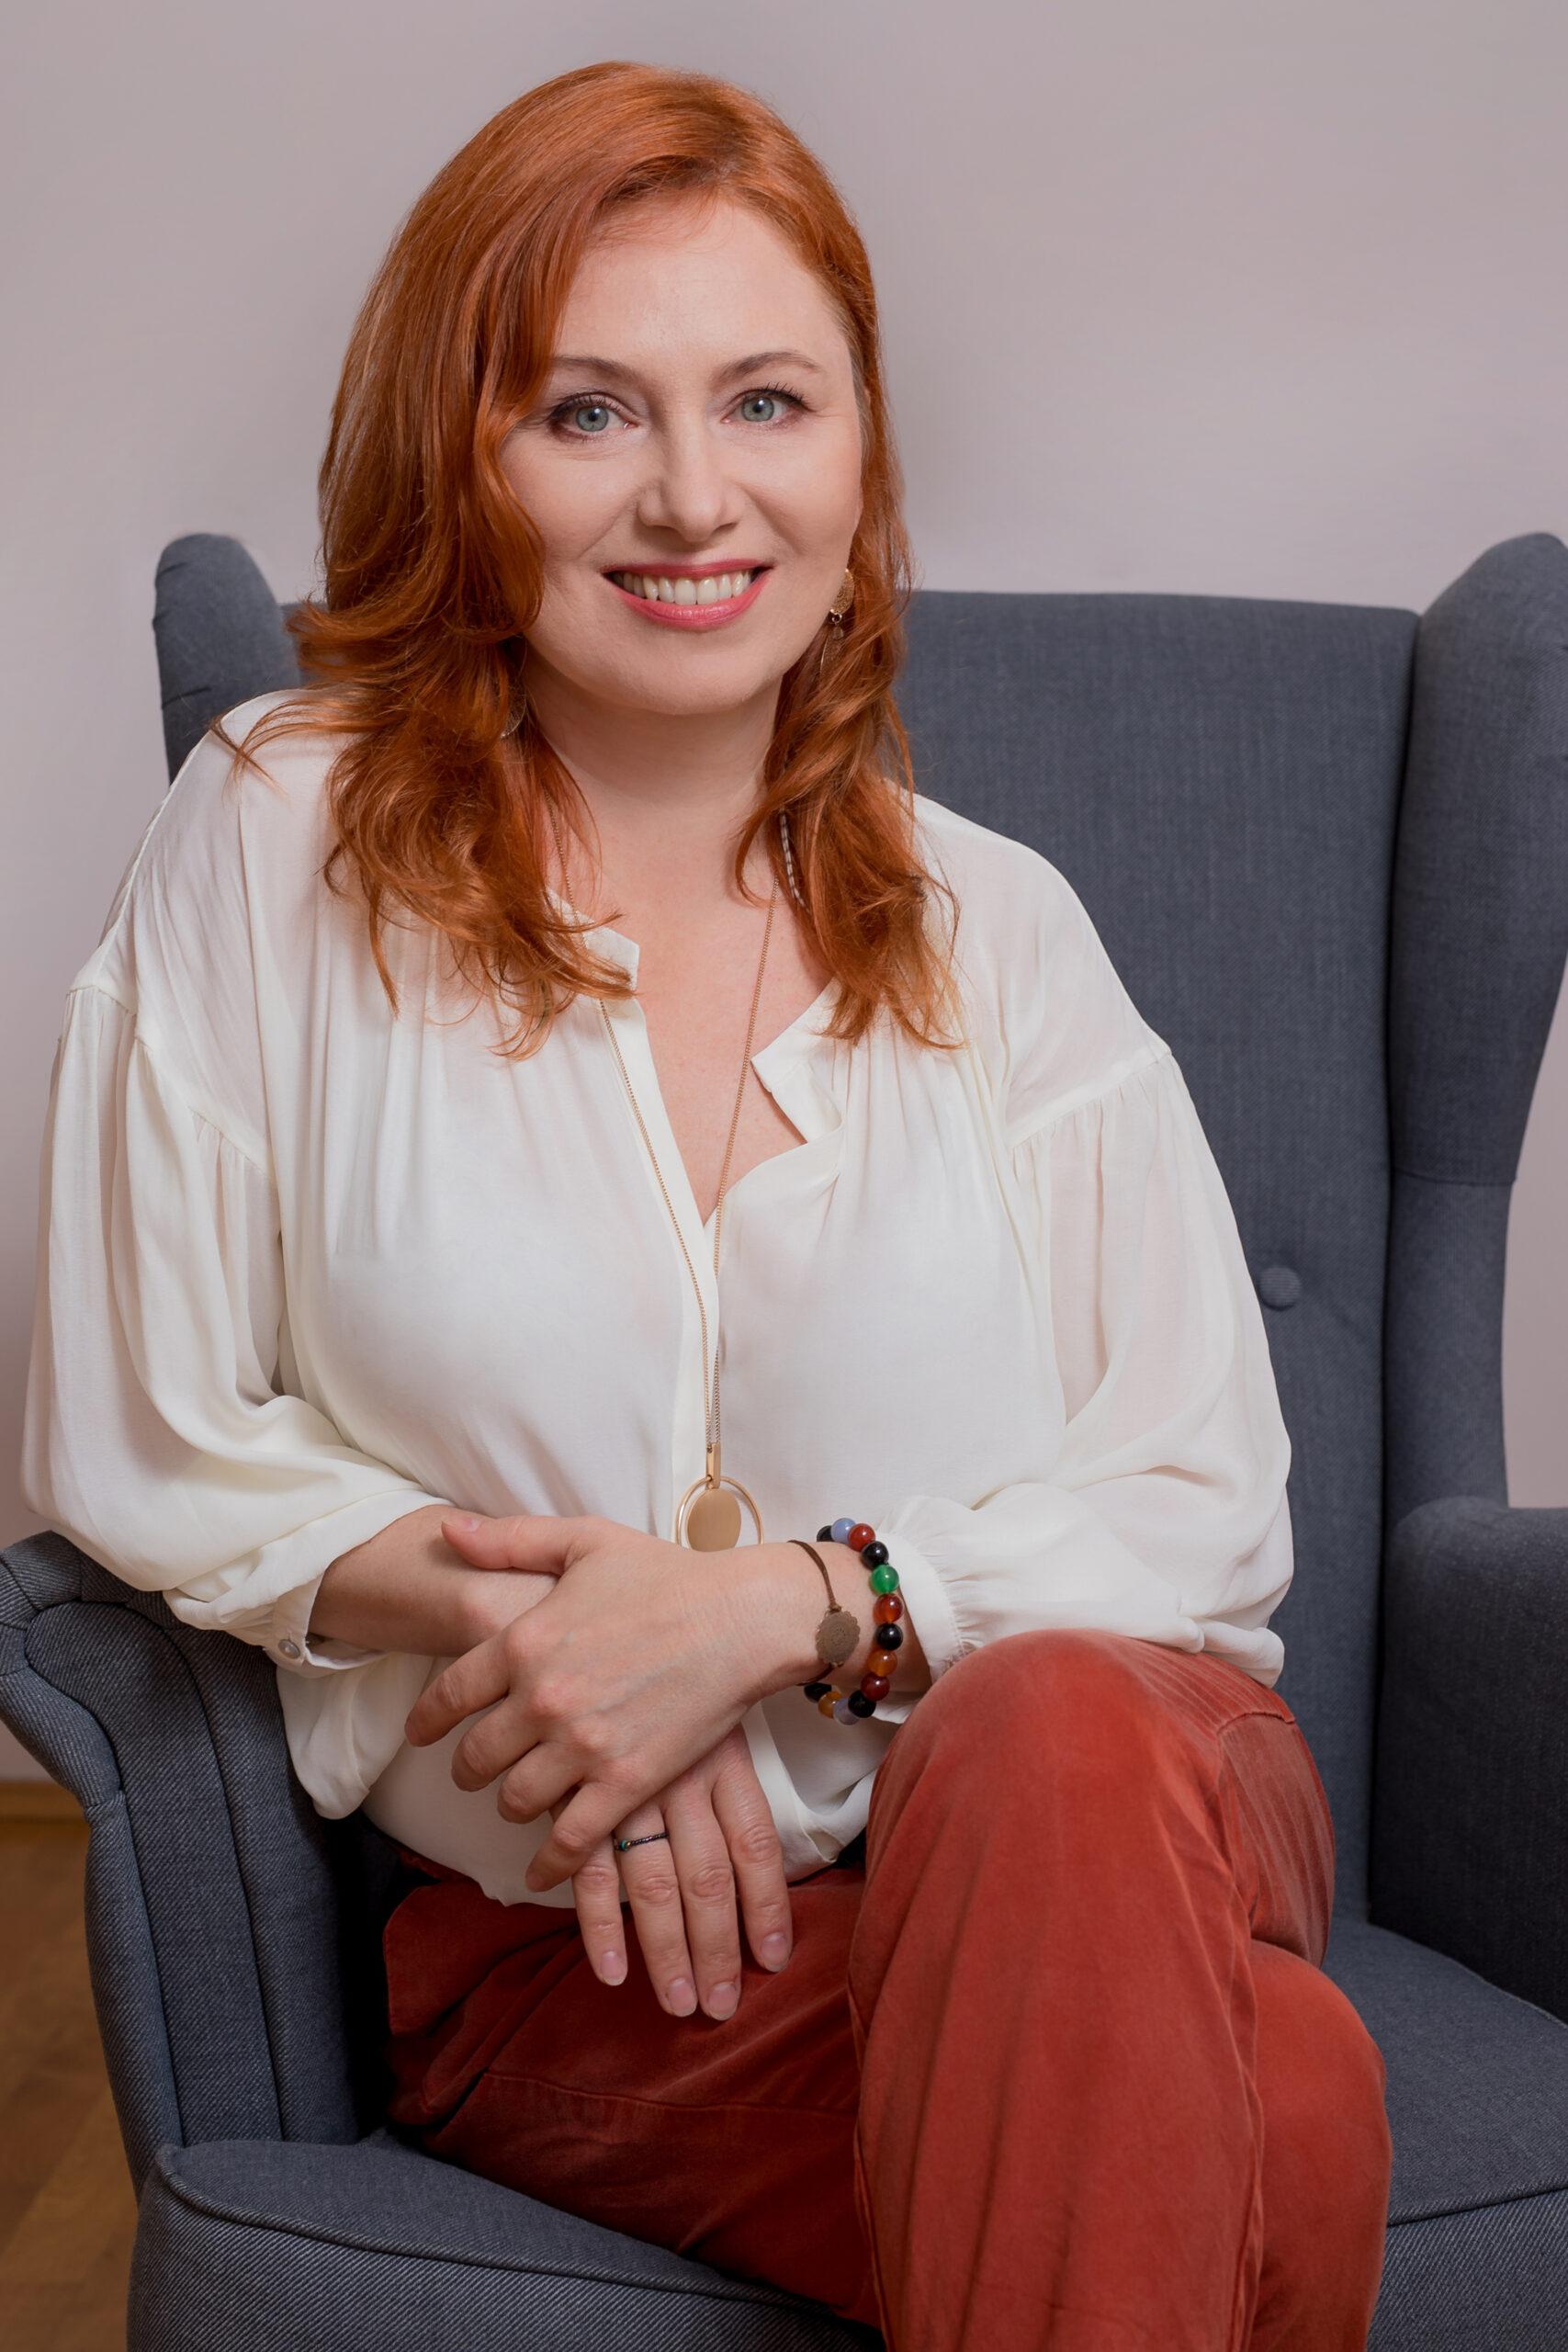 anna-szary-psychoterapeutka